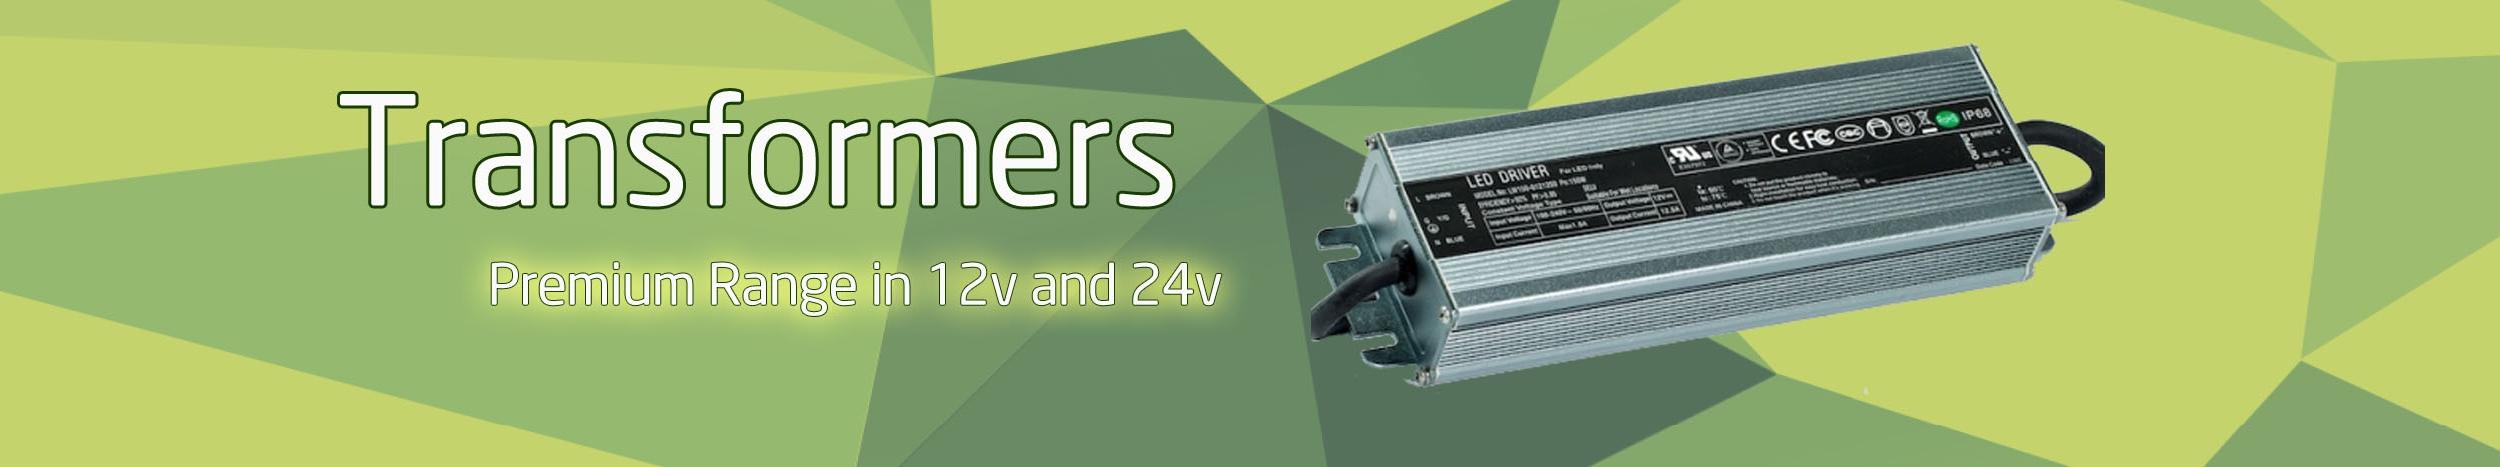 LED Transformers 12v and 24v